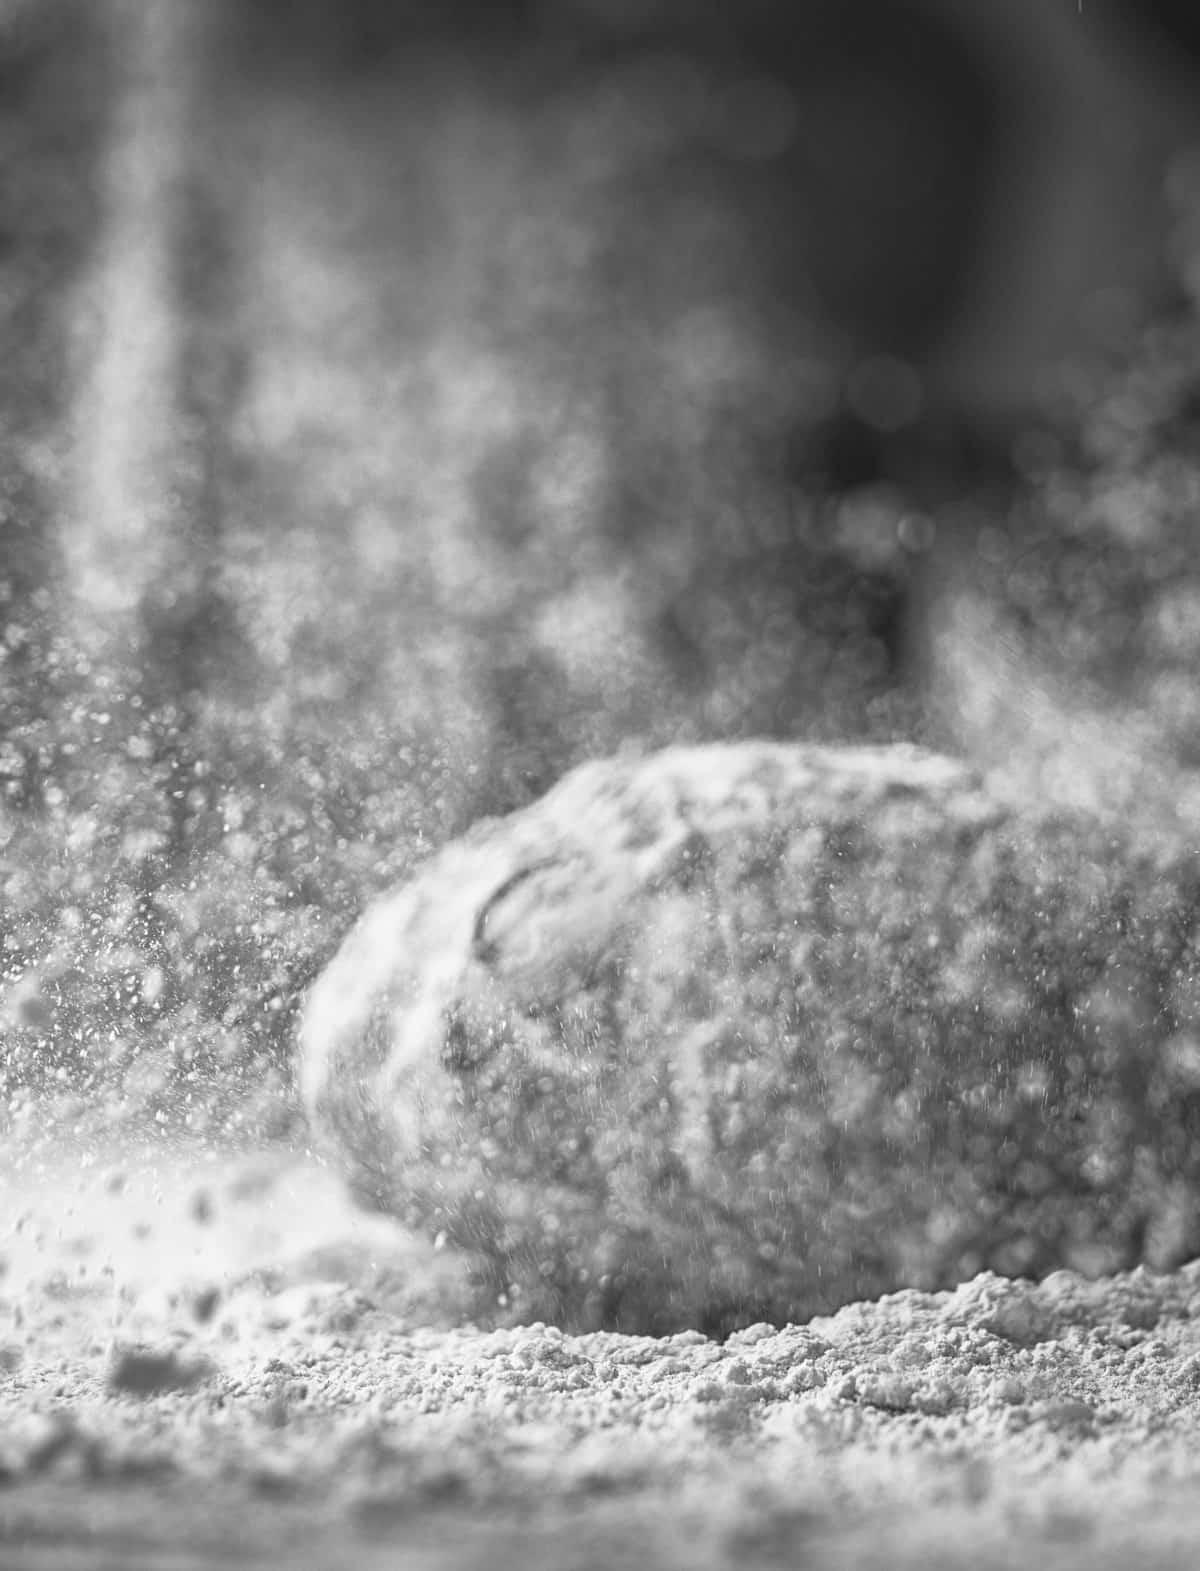 Brot in Mehlstaub, schwarz-weiß